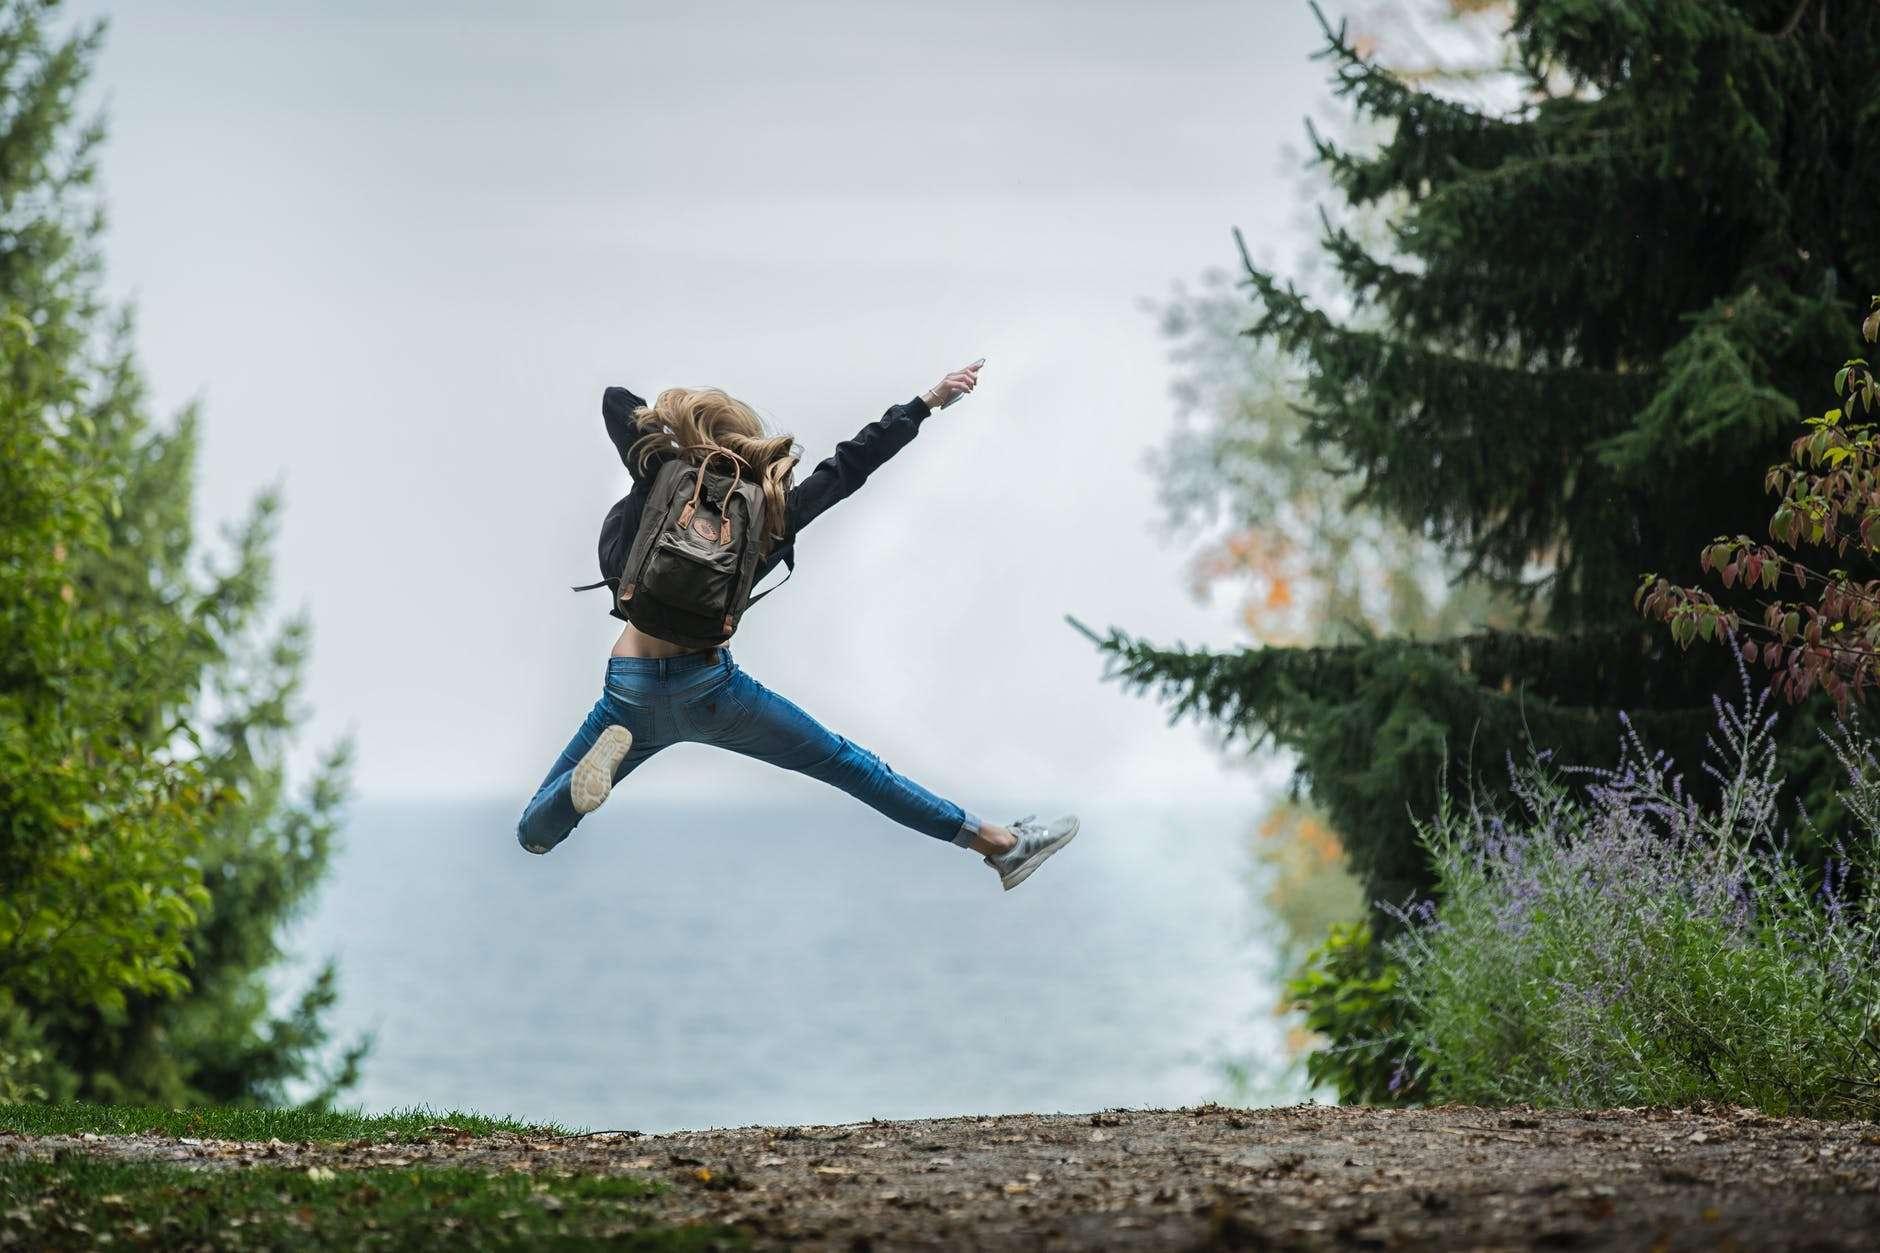 Peur de voyager seule : la peur d'être seule